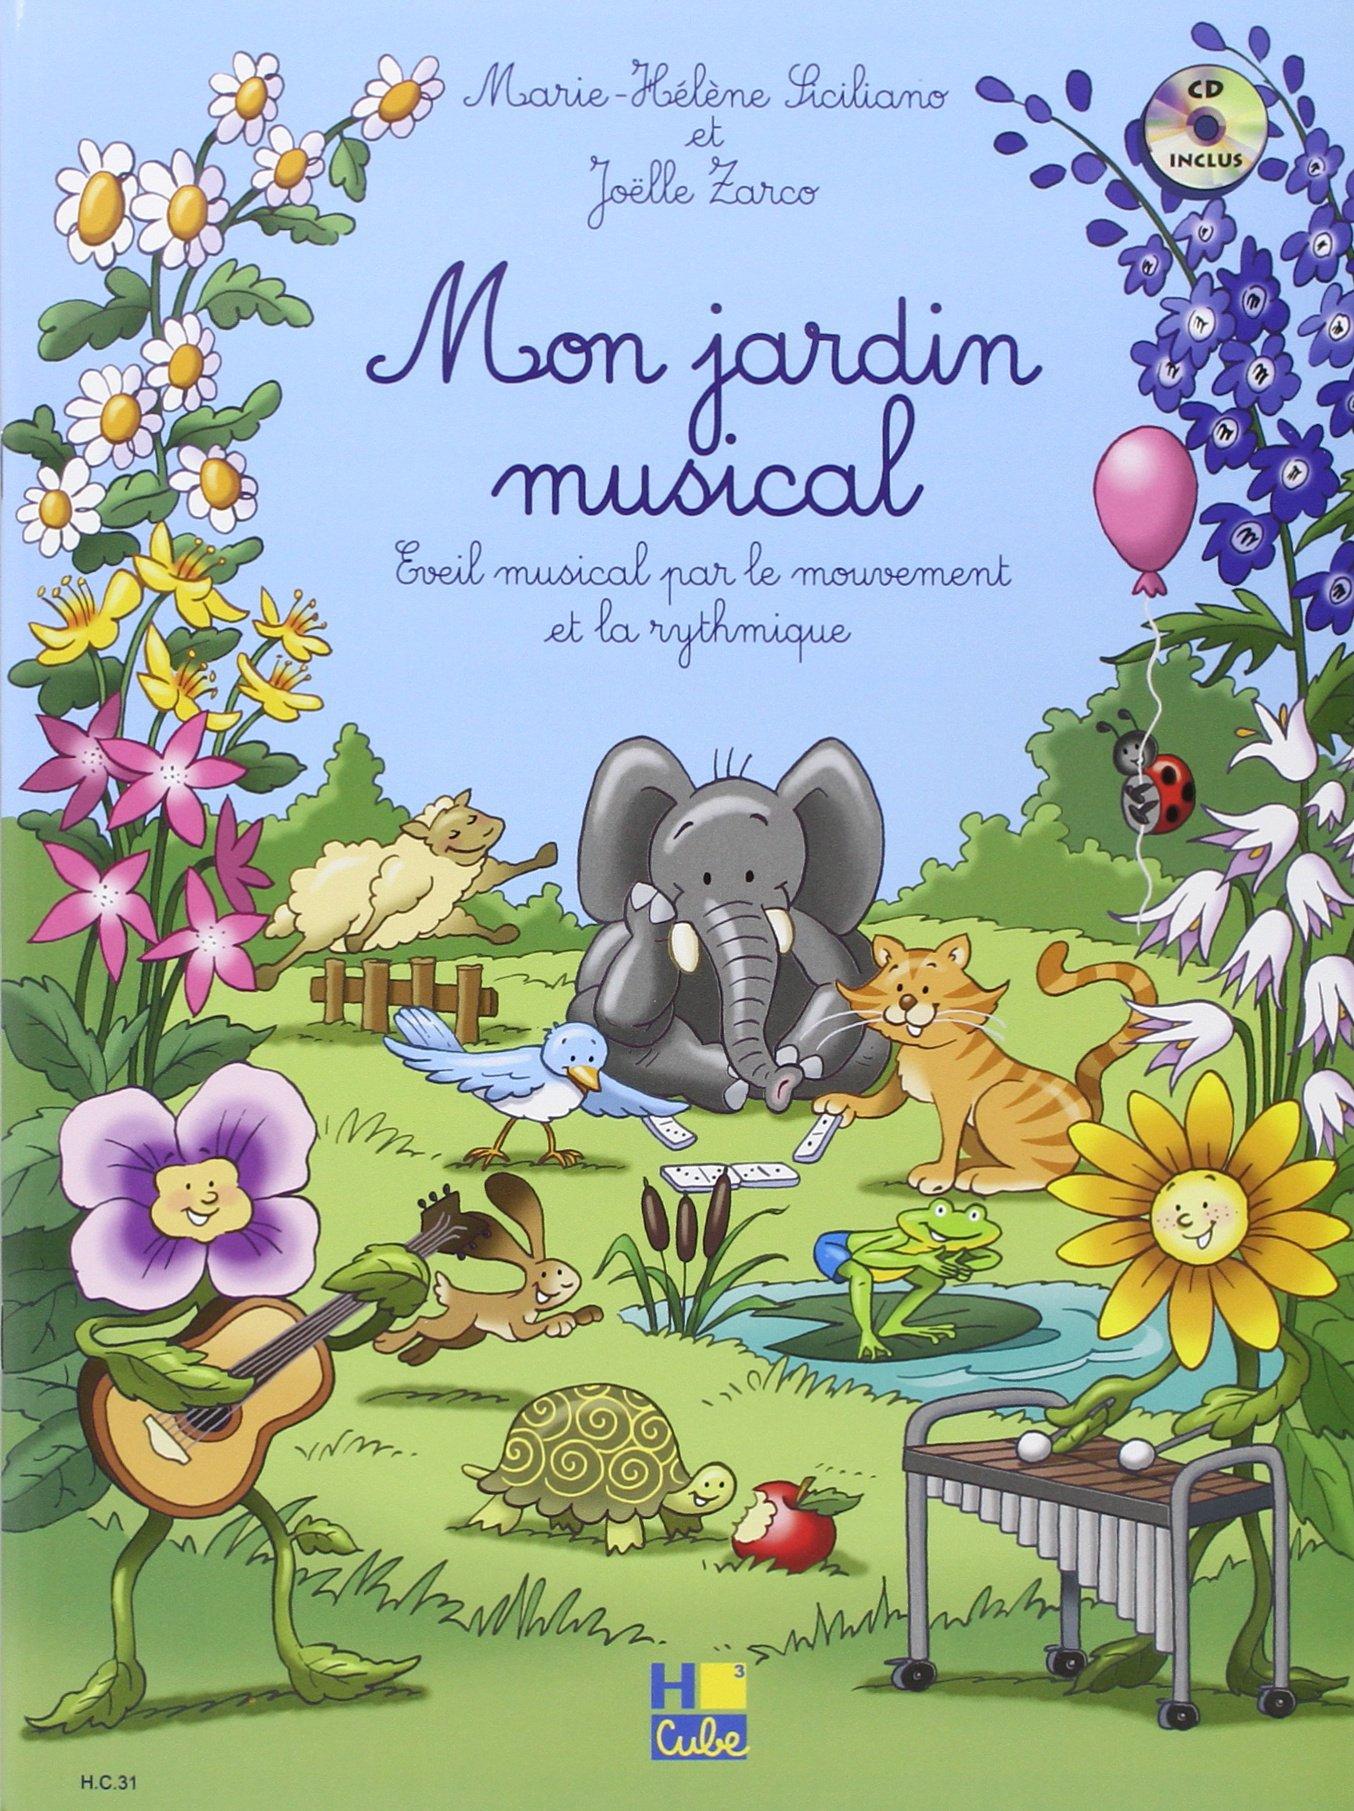 Mon jardin musical Partition – 5 juillet 2005 Marie-Hélène Siciliano Joëlle Zarco H Cube B000ZGDZAG